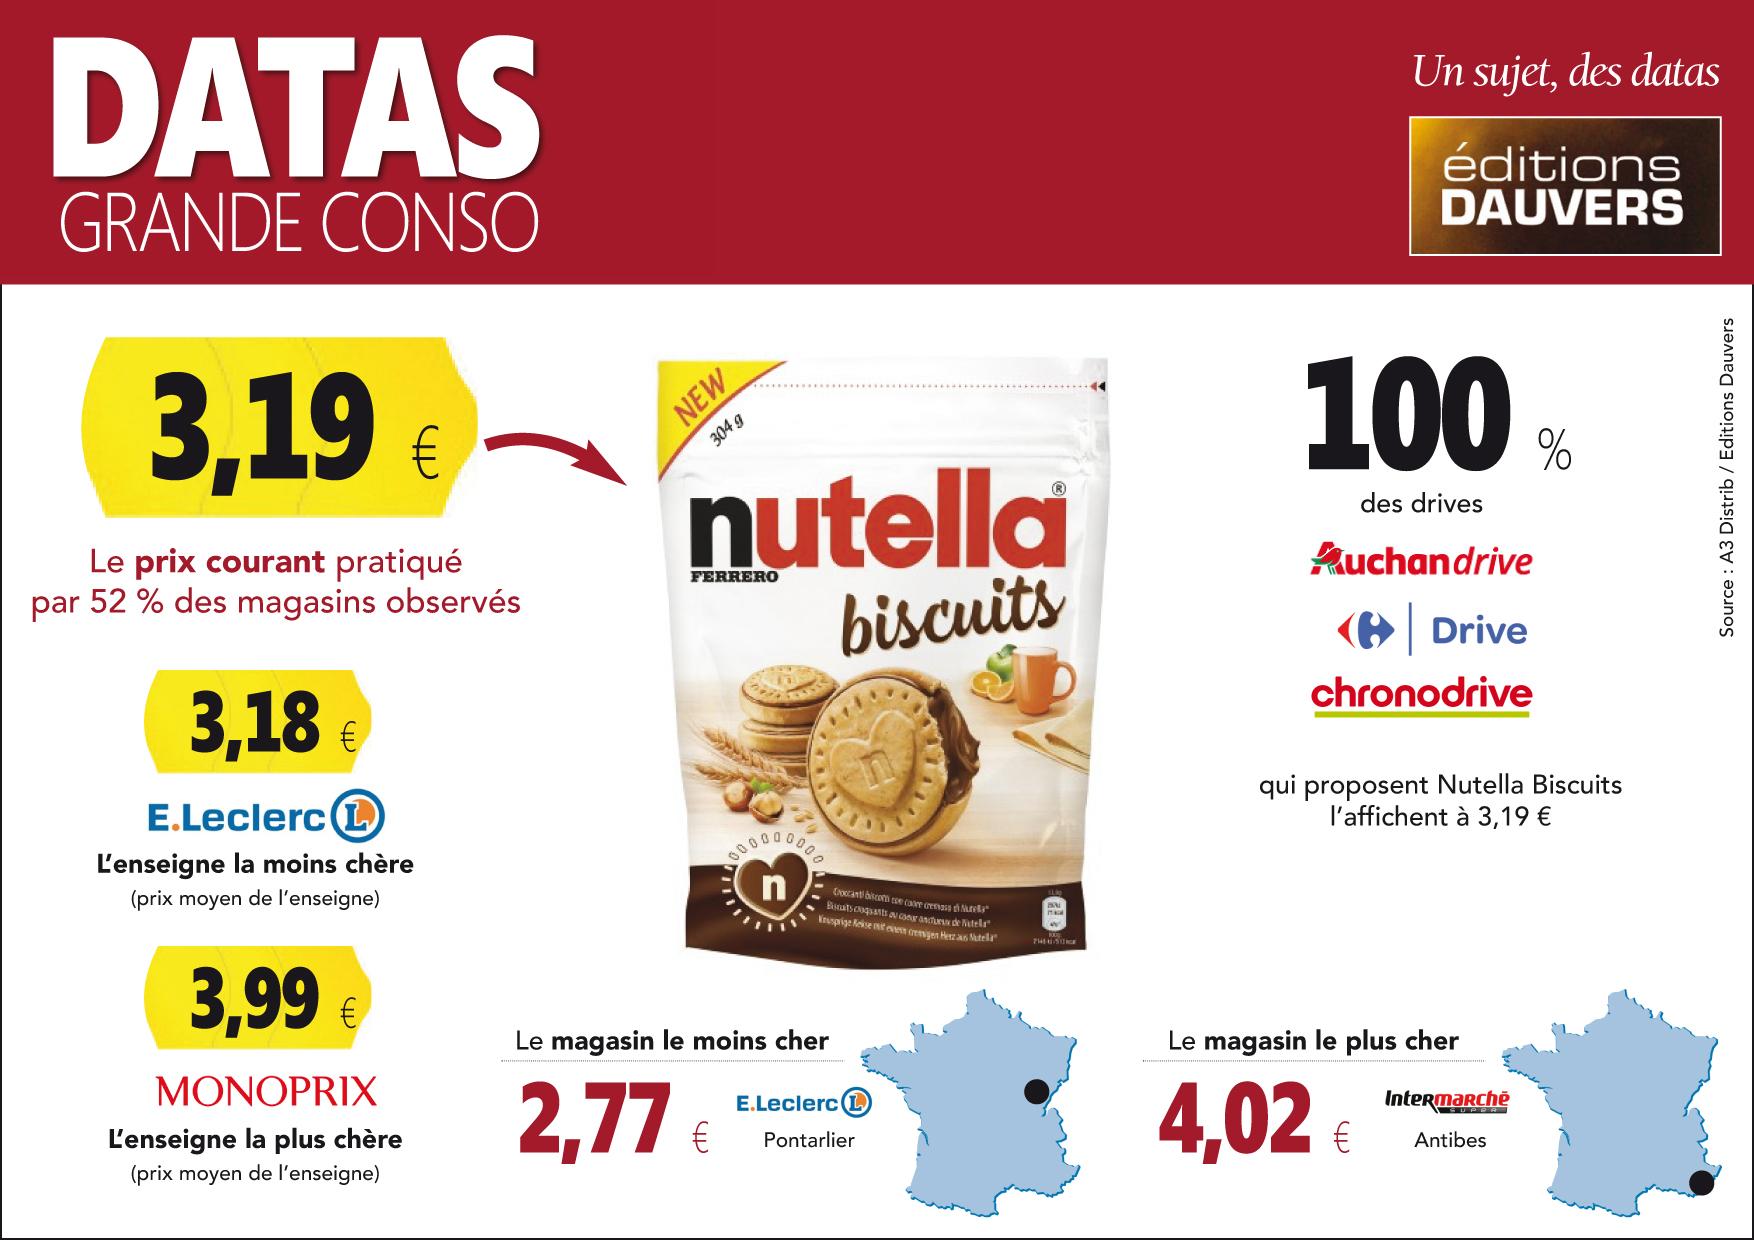 Datas Grande Conso Nutella